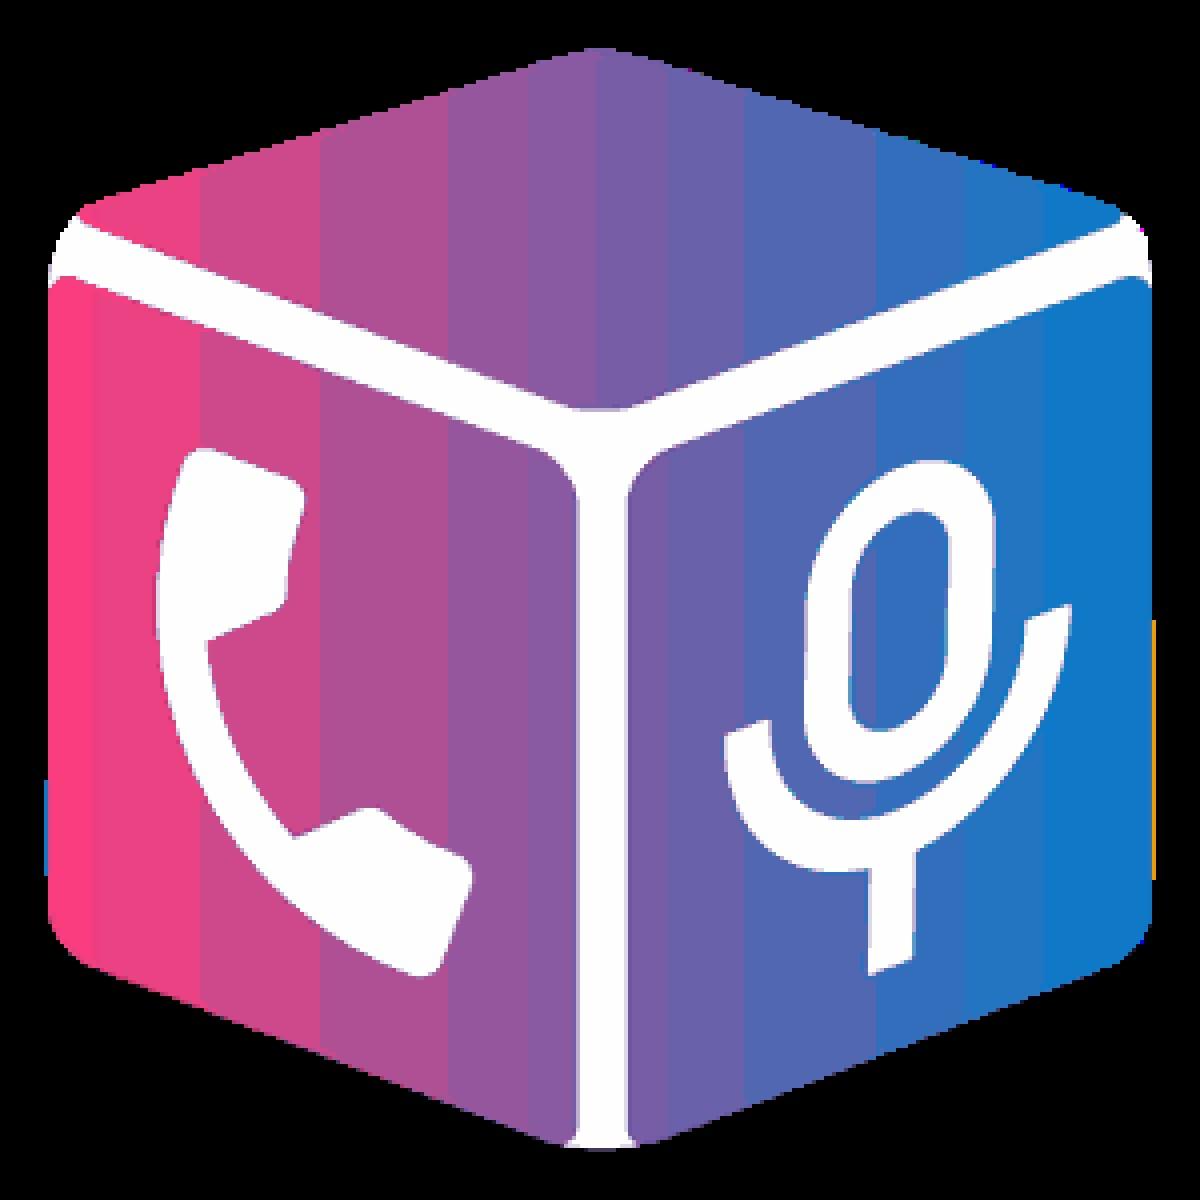 تحميل تطبيق Cube Call Recorder ACR 2 3 152 apk premuim